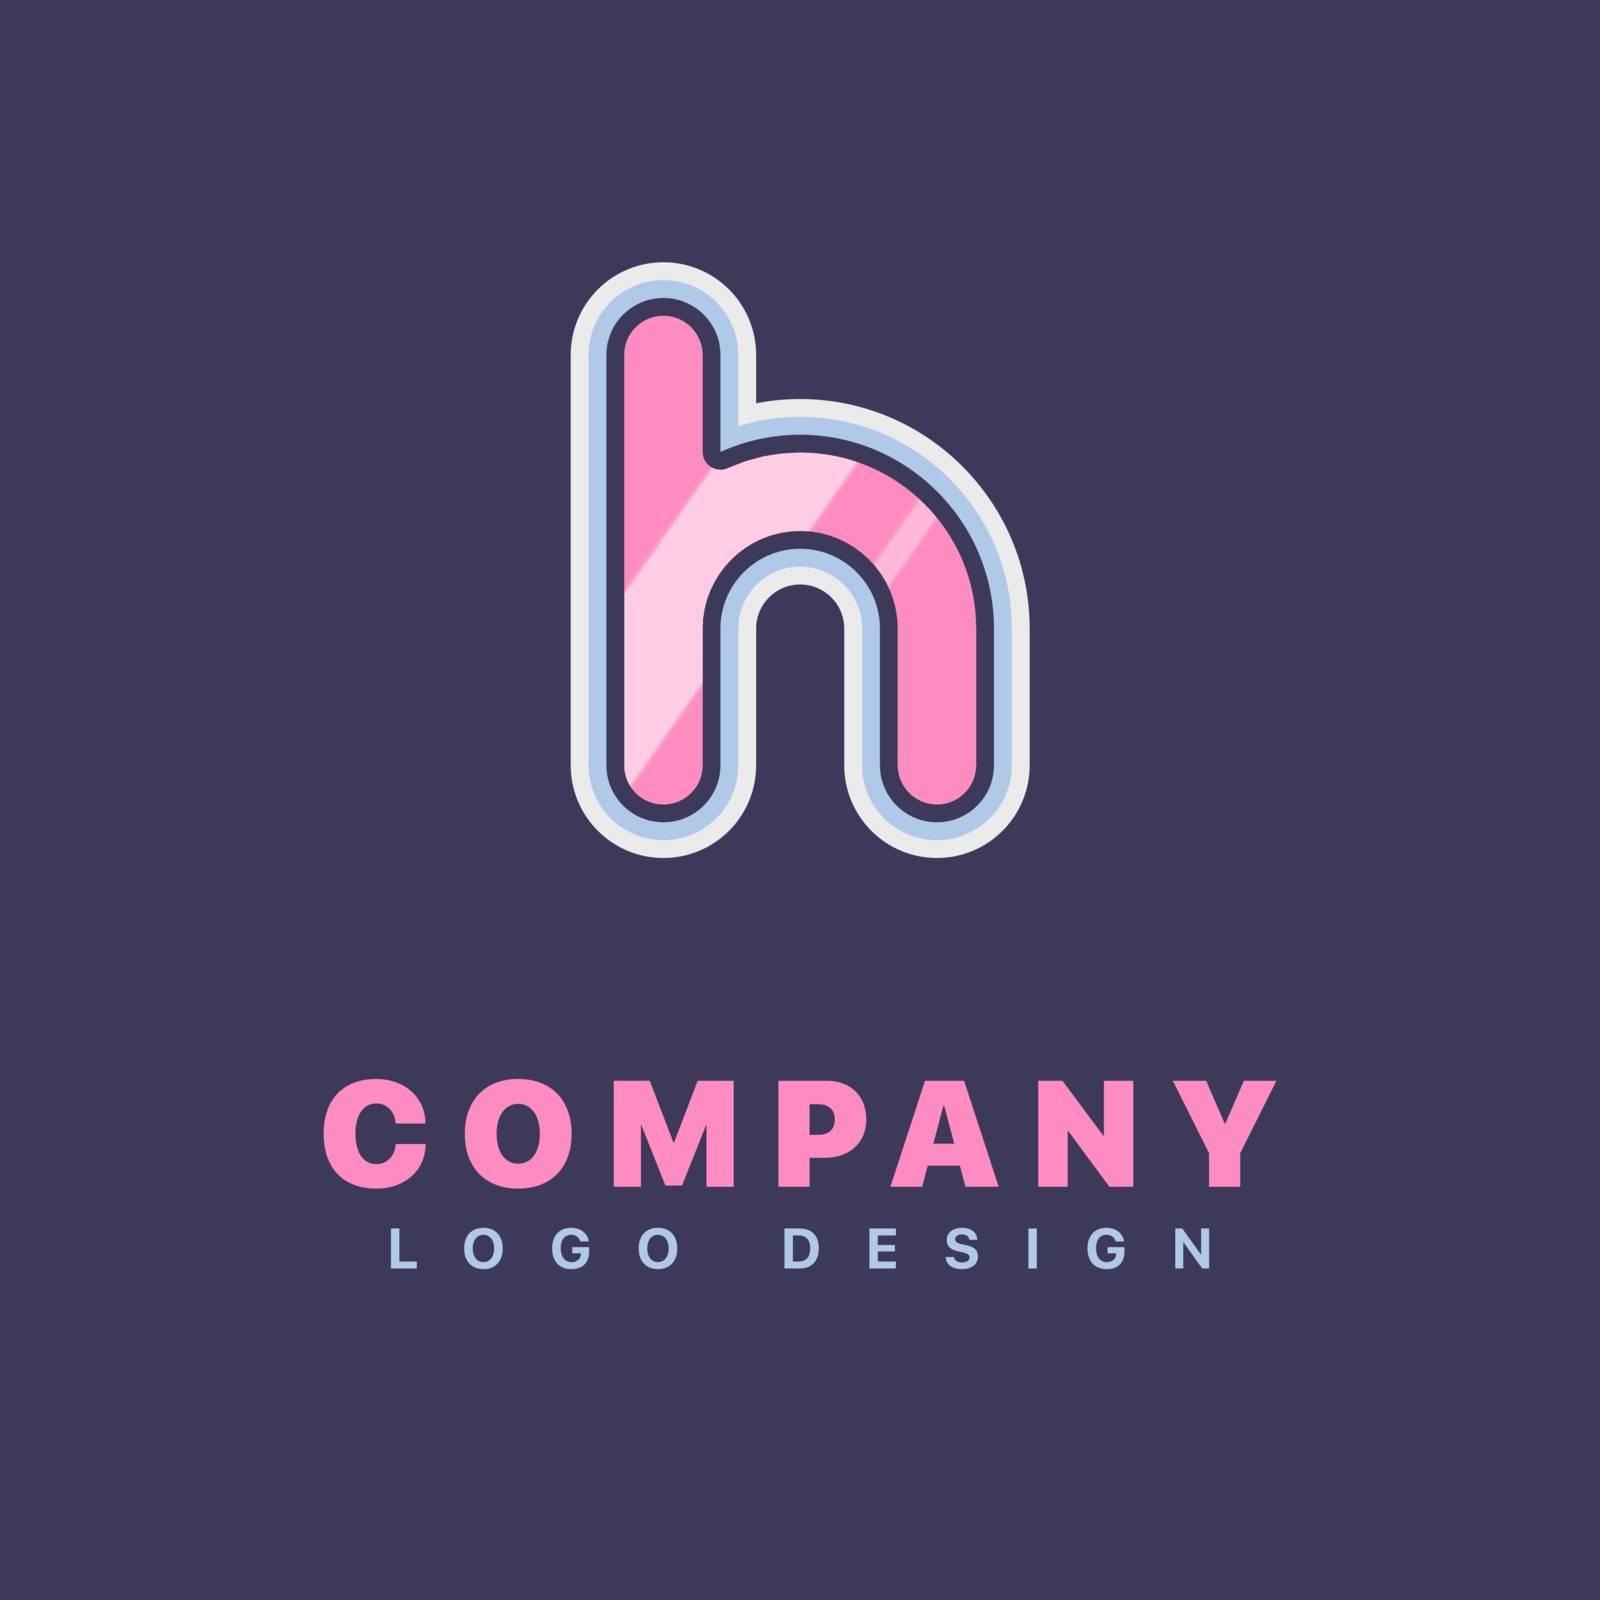 Letter H logo design template. Company logo icon